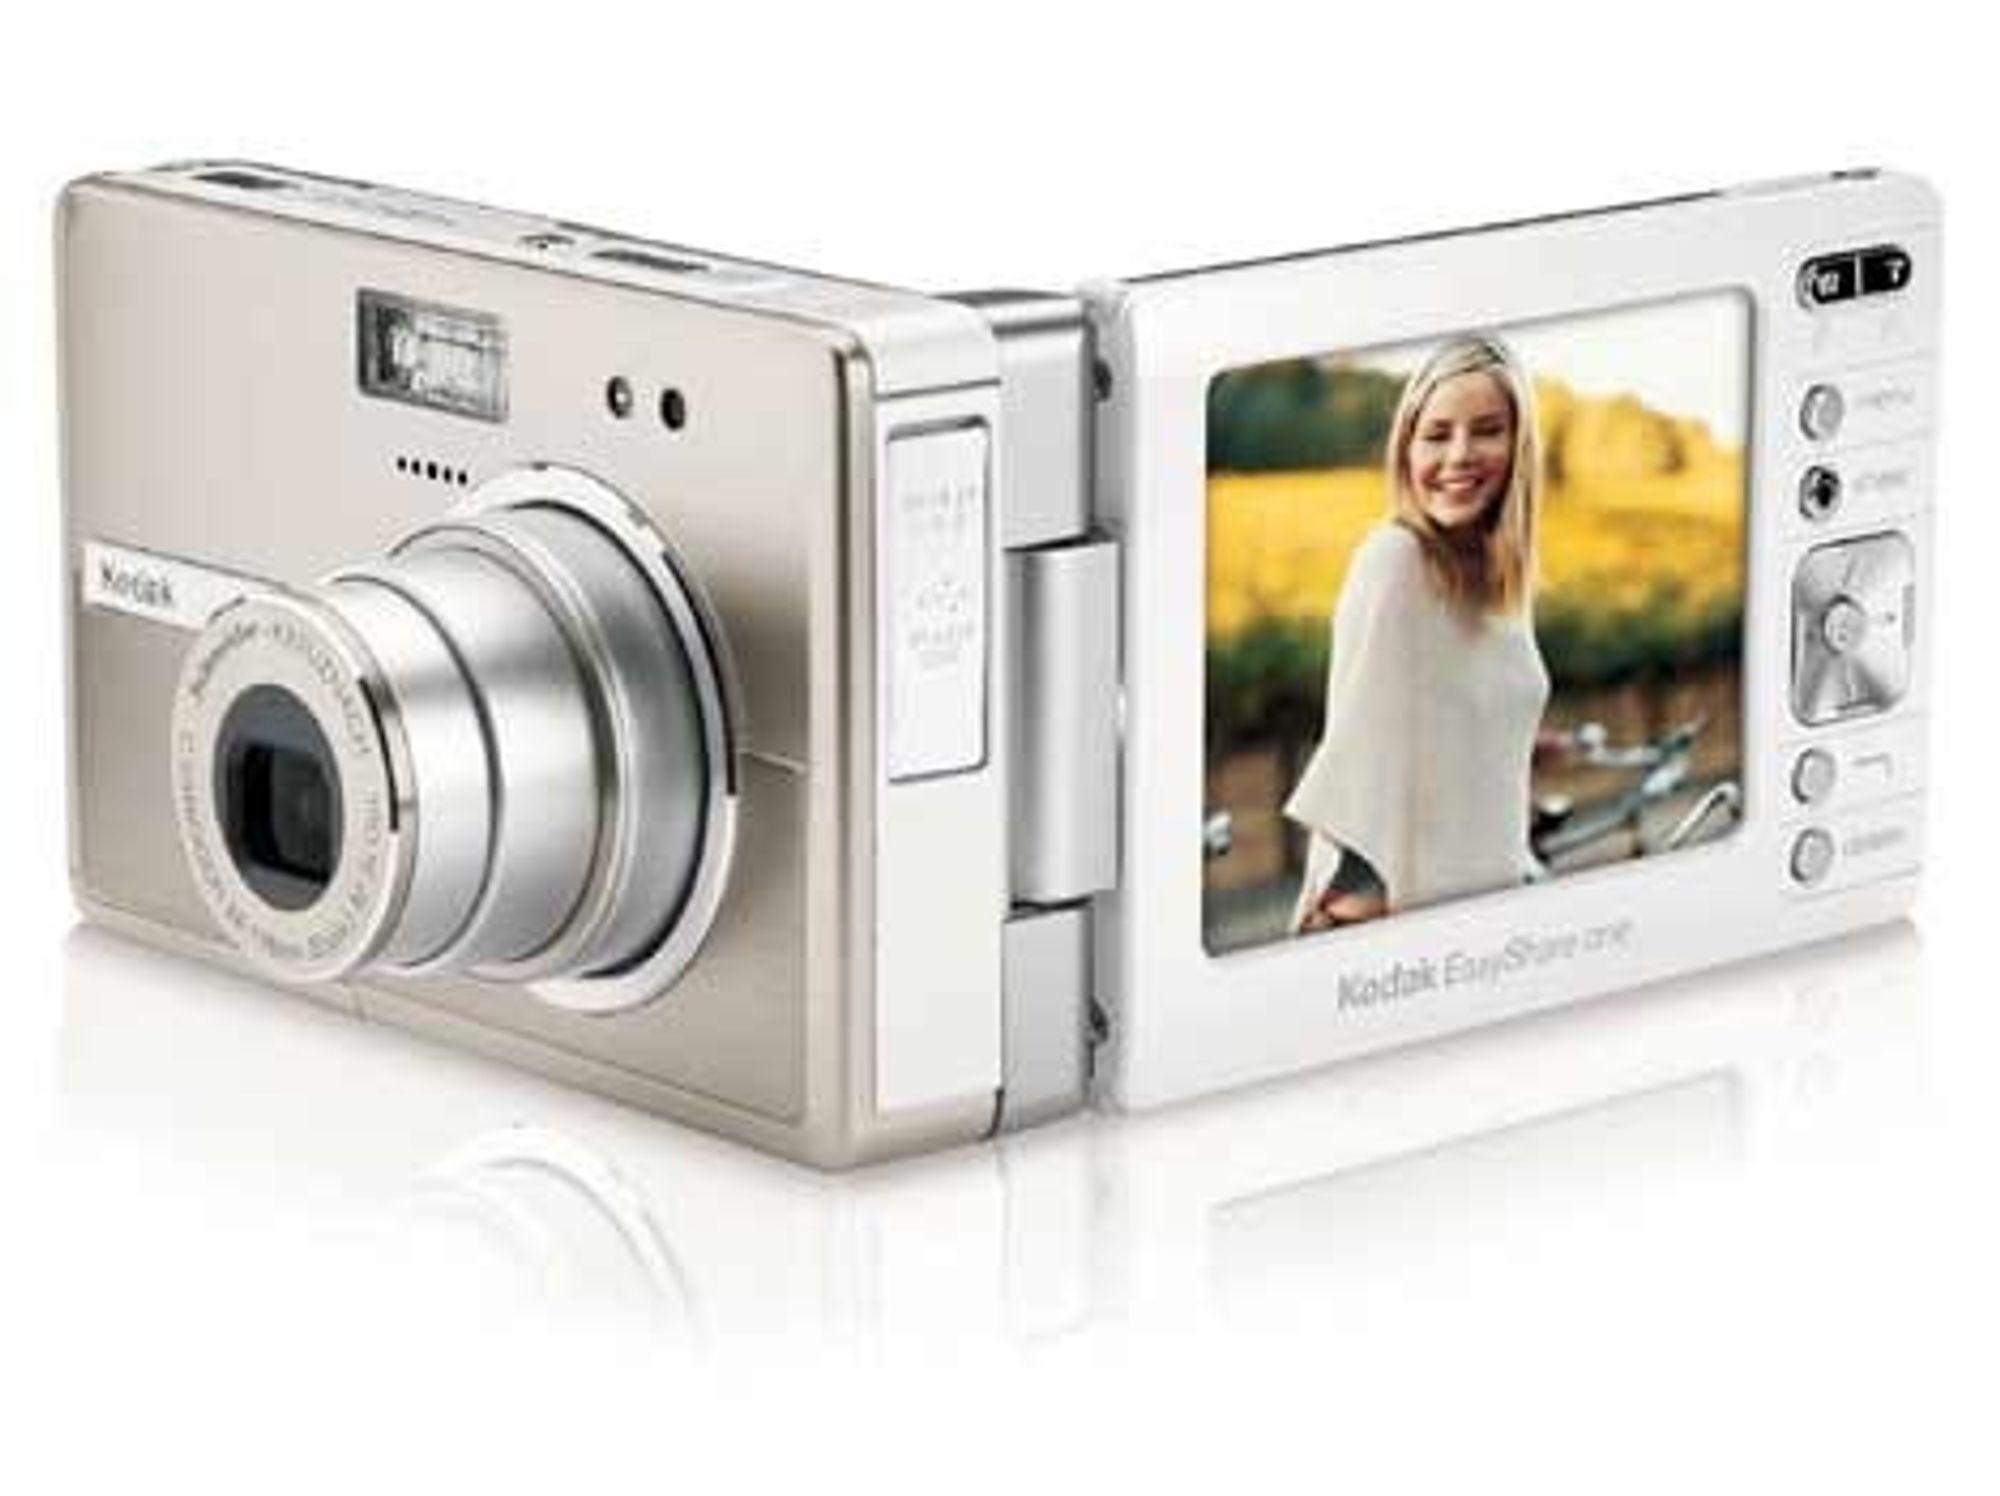 UTEN ENTRÅD: Kodaks nye Easyshare One kommuniserer trådløst, har 256 MB minne og kanlagre 1500 bilder. Det kan selvsagt også lagre video. FOTO: KODAK